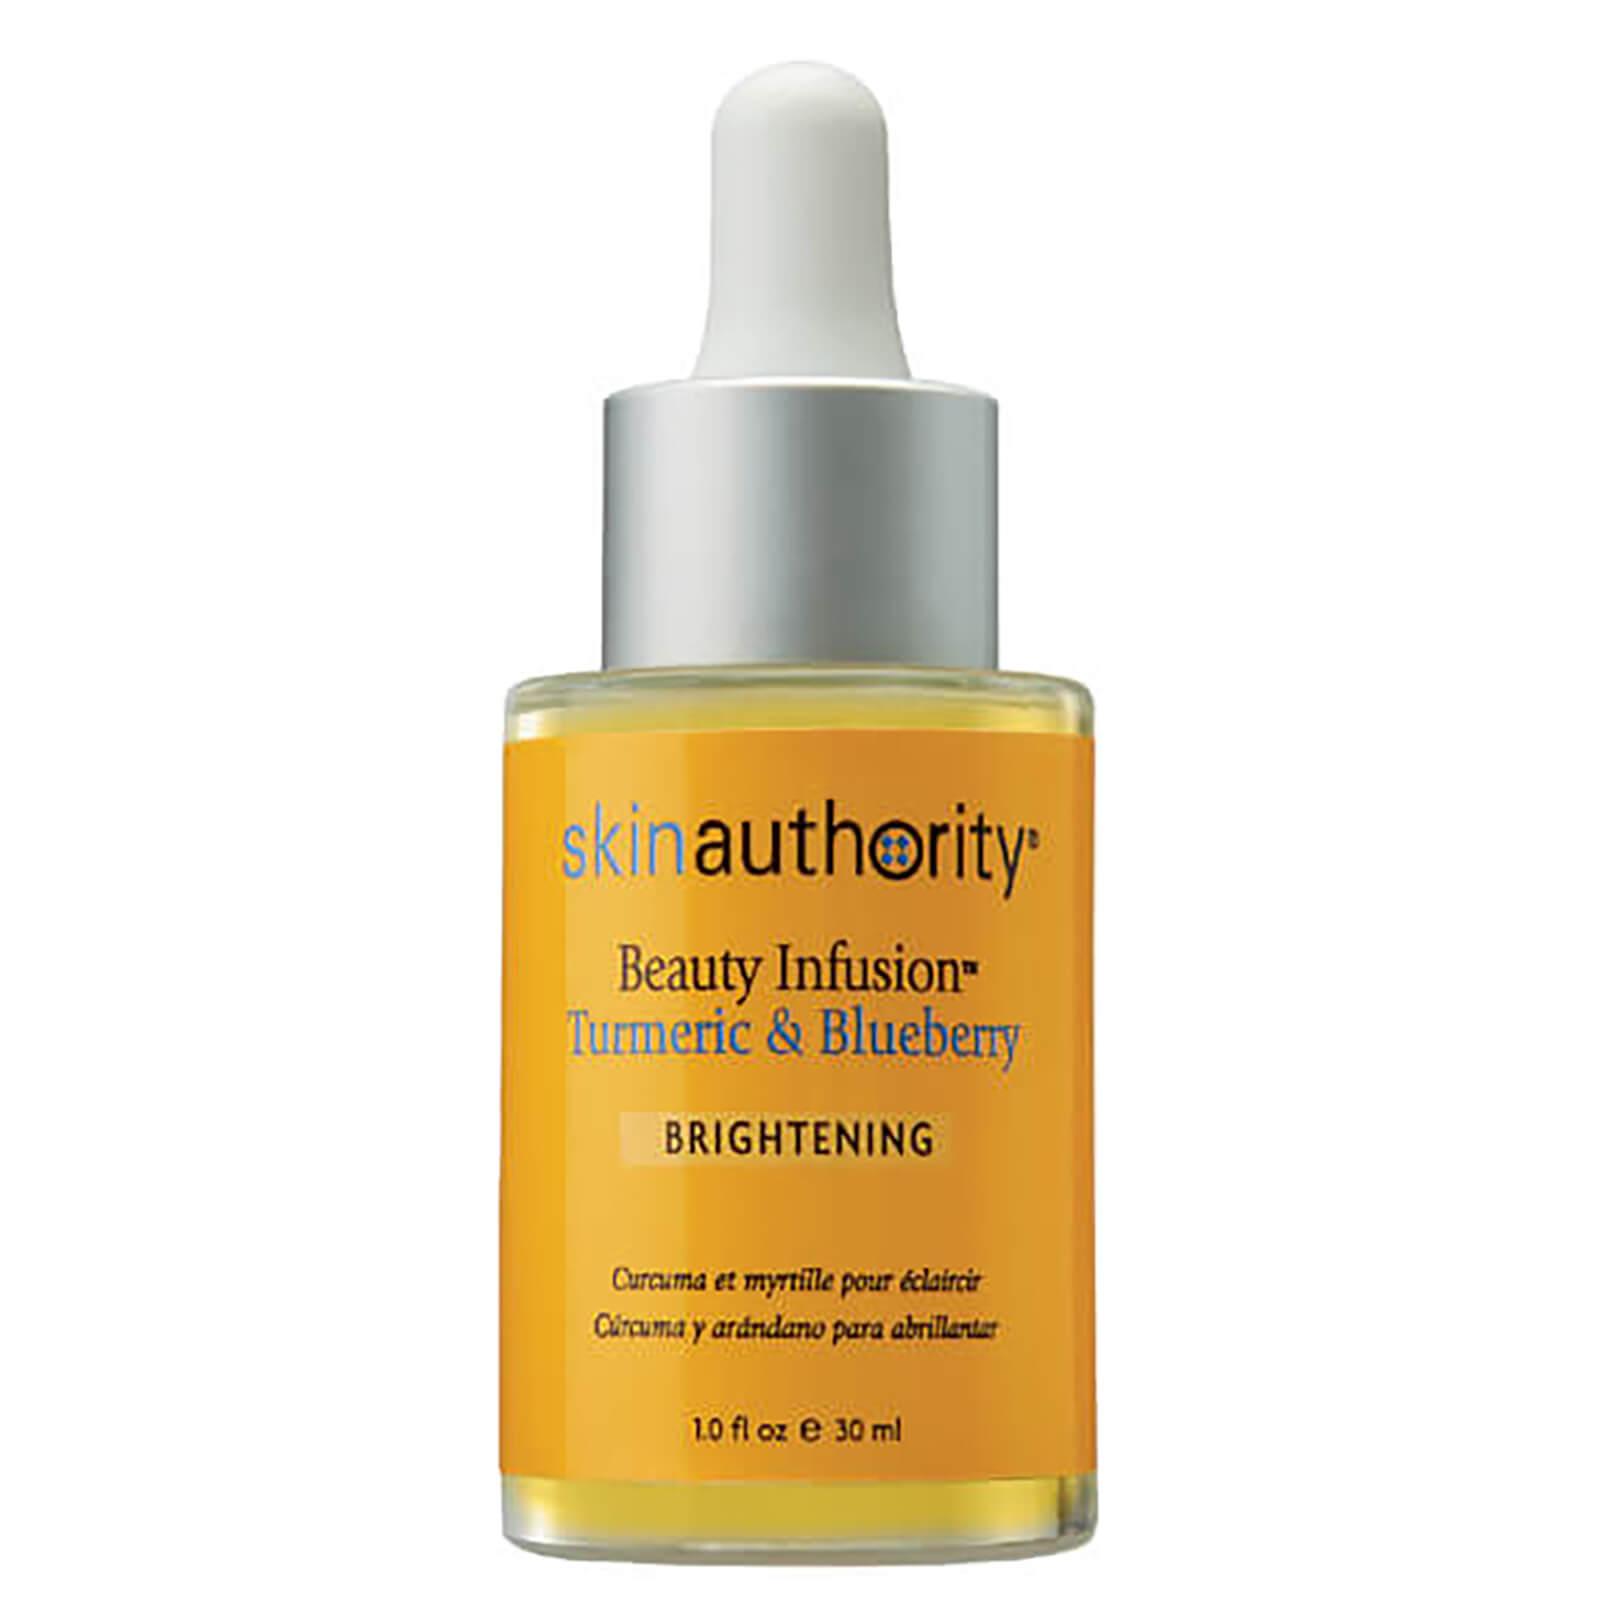 Skin Authority Huile Éclaircissante au Curcuma et à la Myrtille Beauty Infusion™ Skin Authority